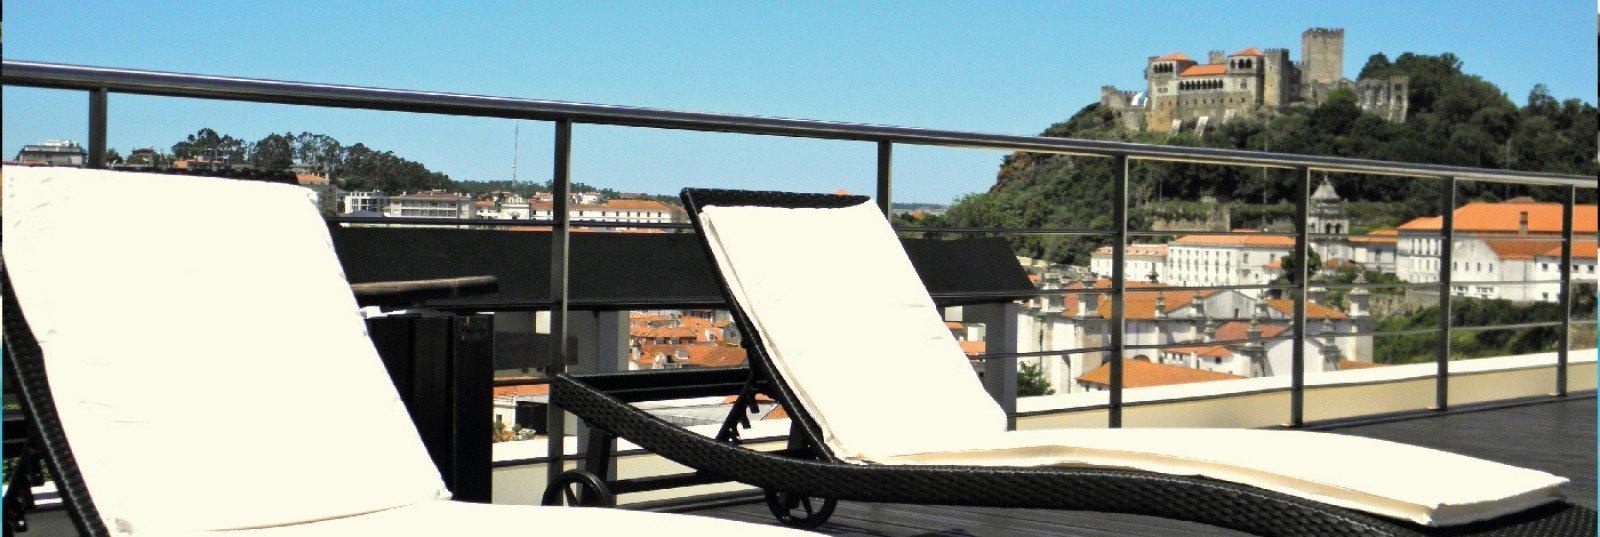 R. Comissão da Iniciativa, 13 - Leiria -Portugal